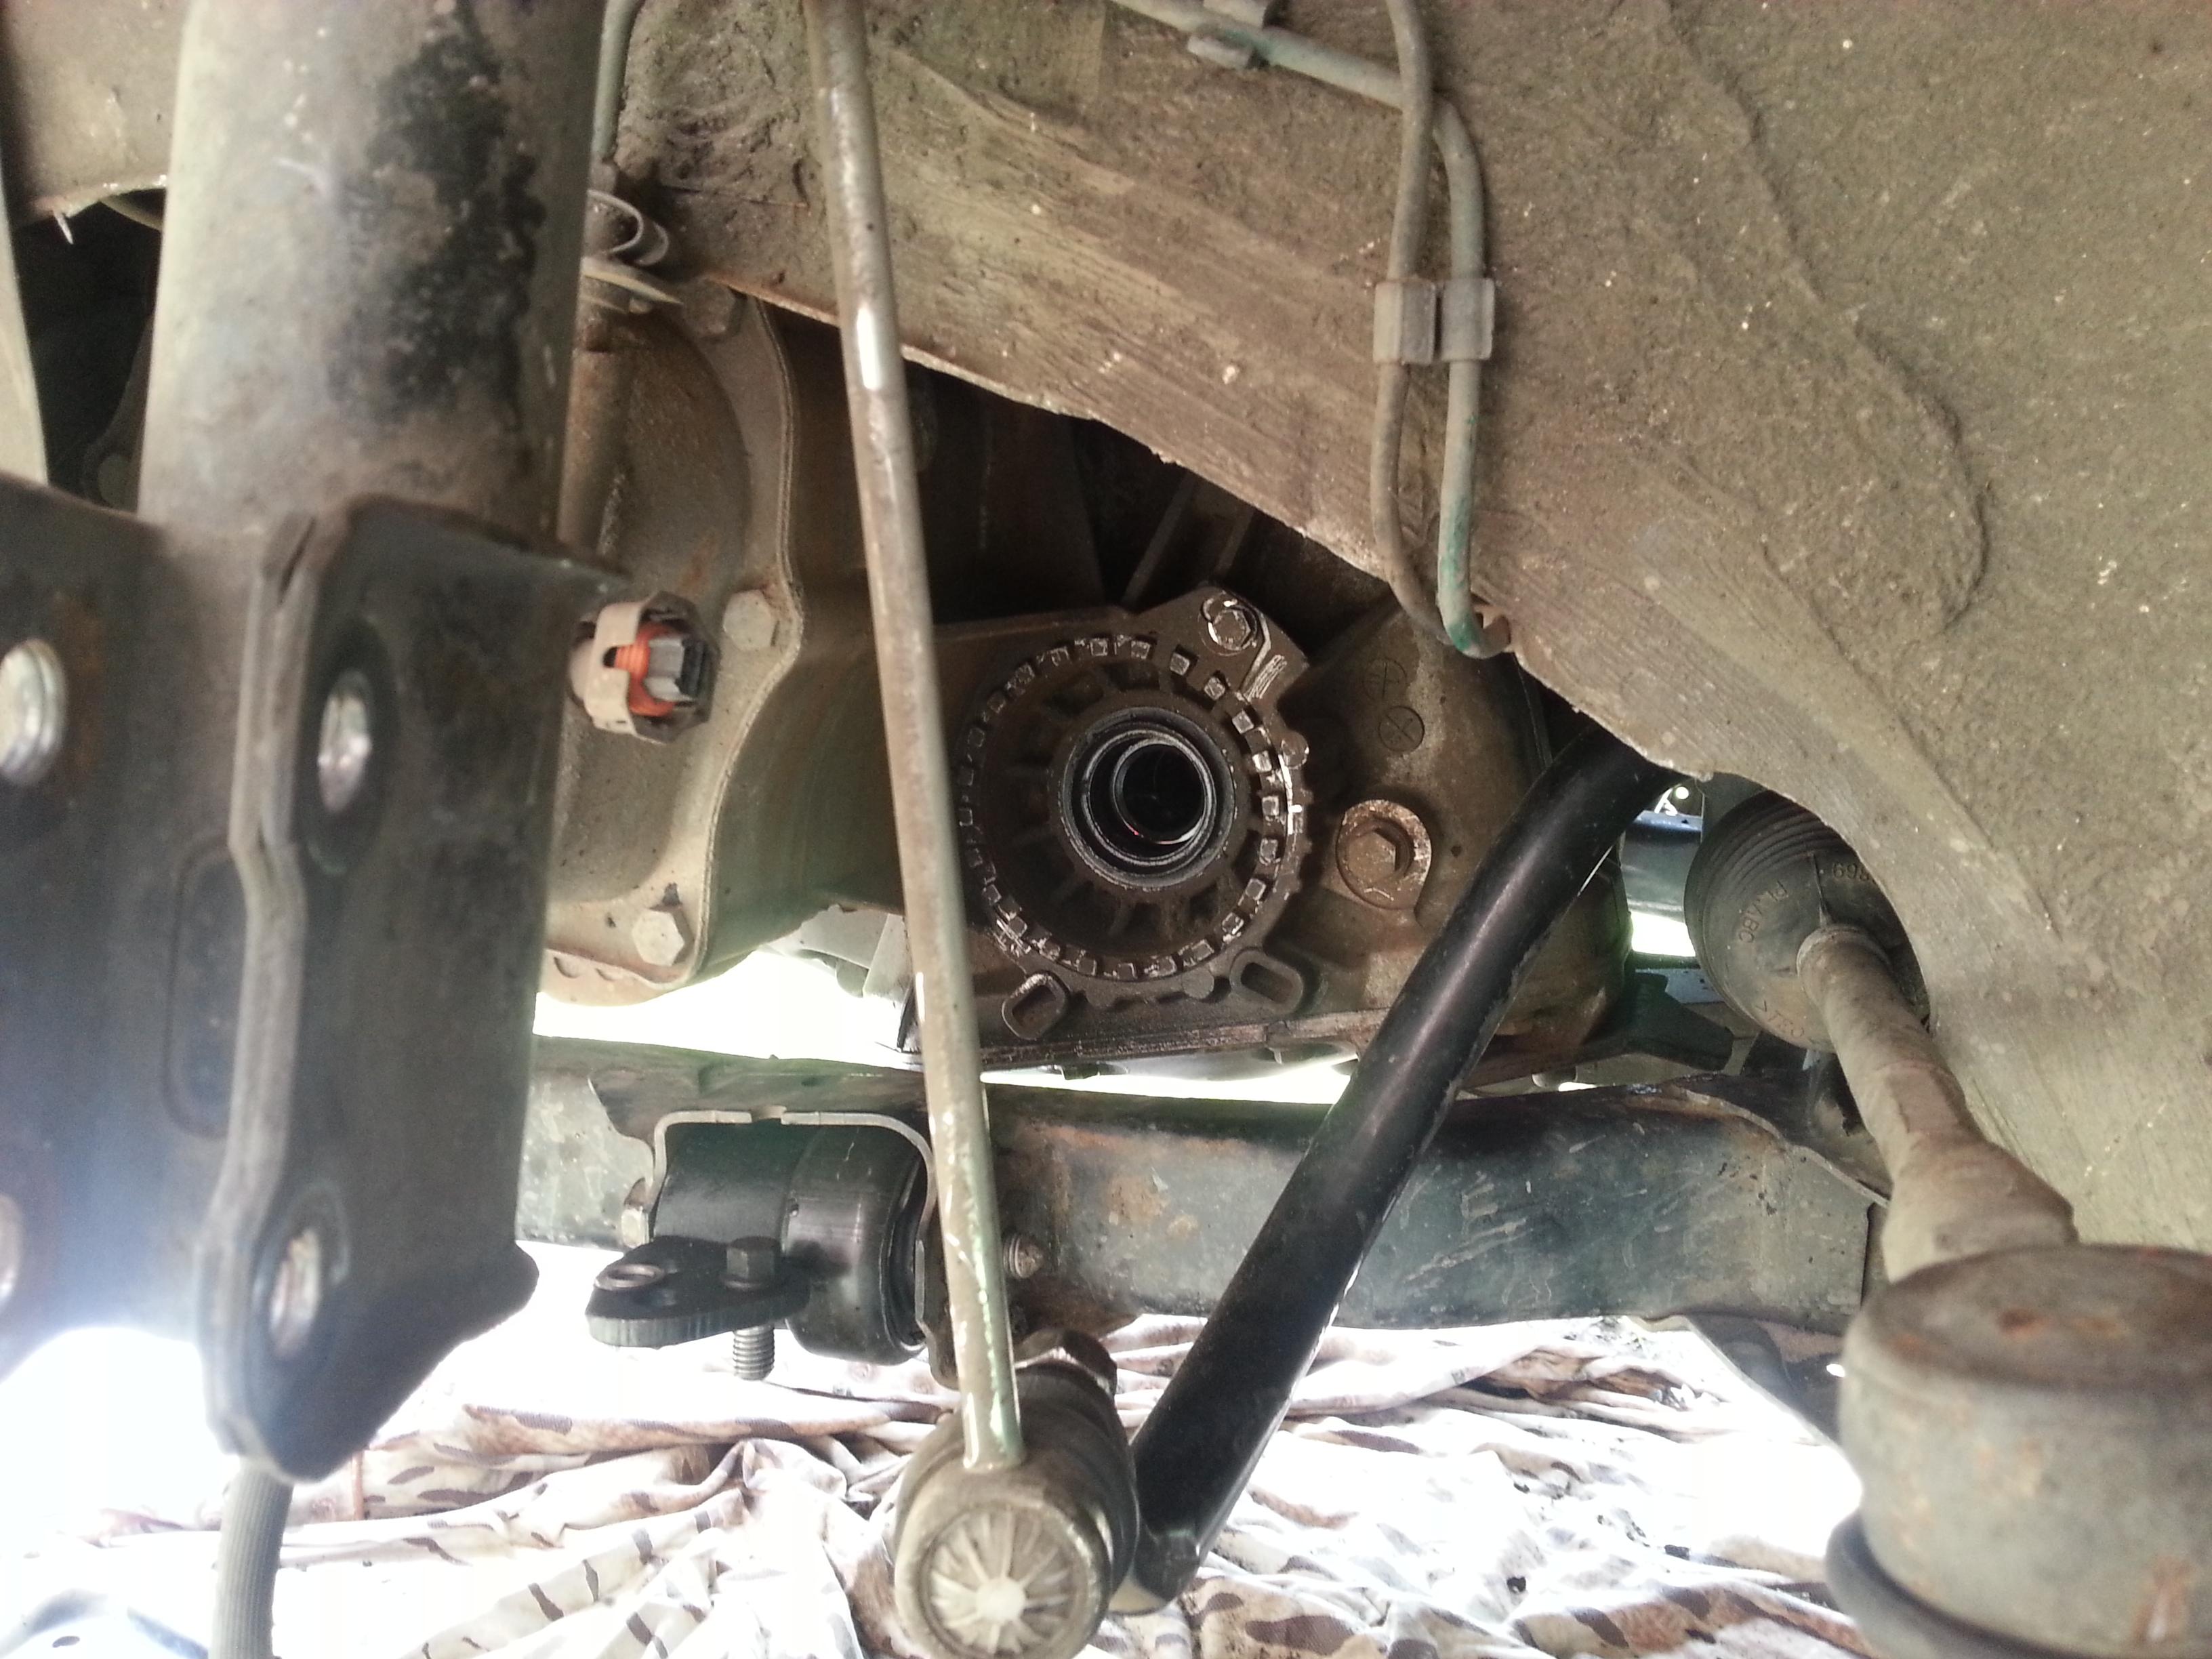 Opel Combo C 1.7 DTI  - Skrzynia bieg�w, �o�ysko, uk�ad r�znicowy,